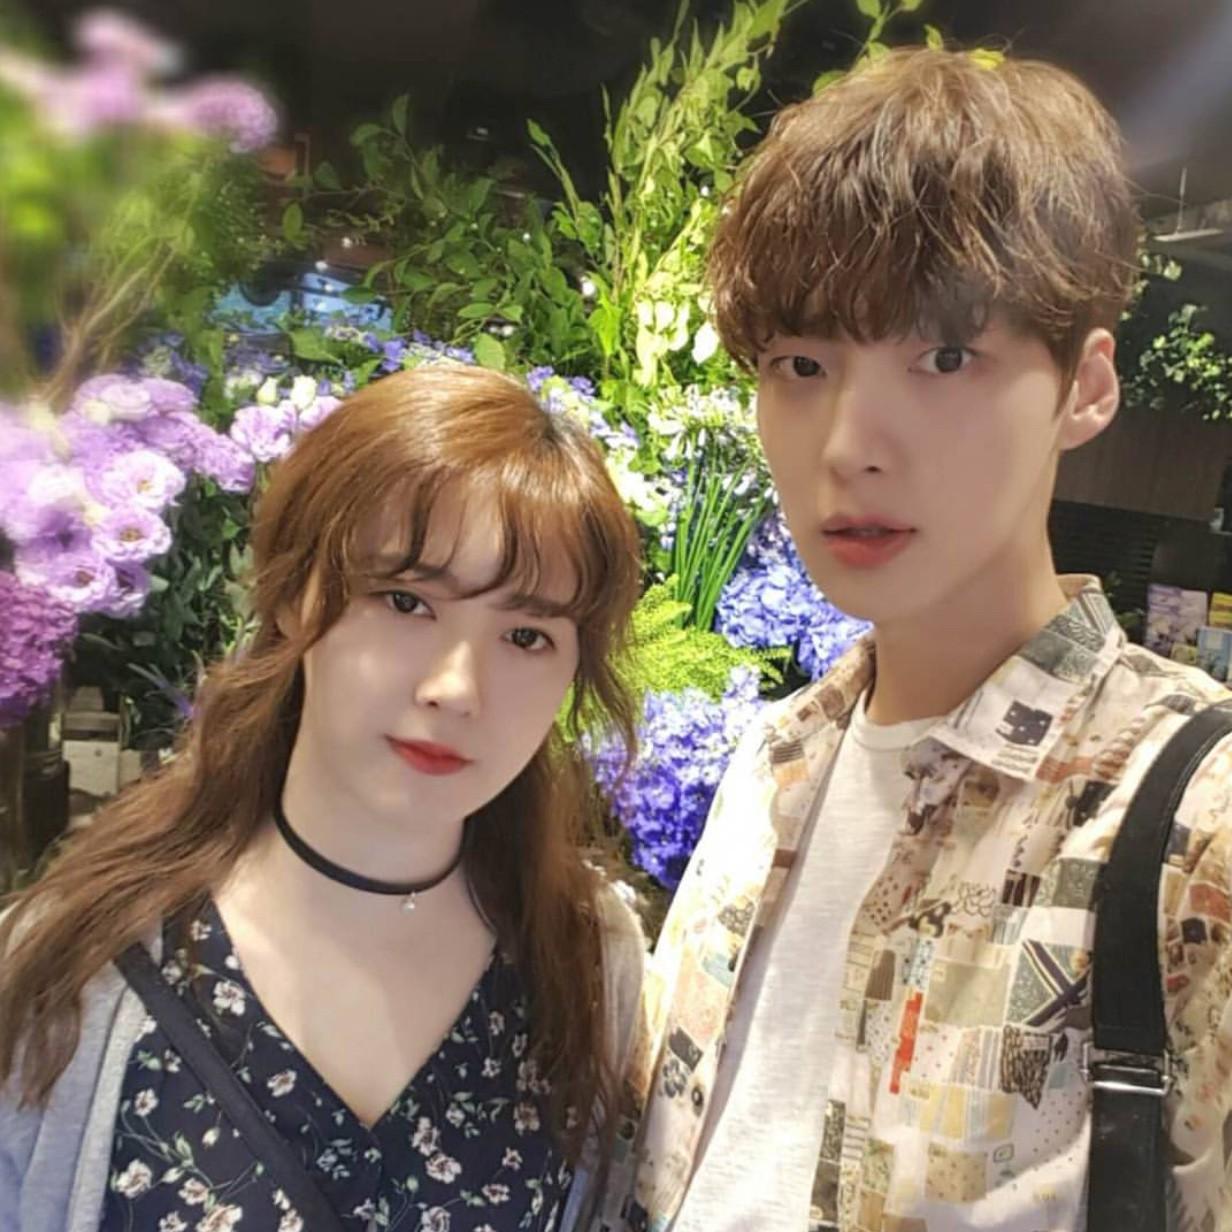 VZN News: Luật sư tiết lộ sự thật đằng sau hành động tung bằng chứng gây sốc của Goo Hye Sun: Hóa ra là bước đi thông minh! - Ảnh 1.